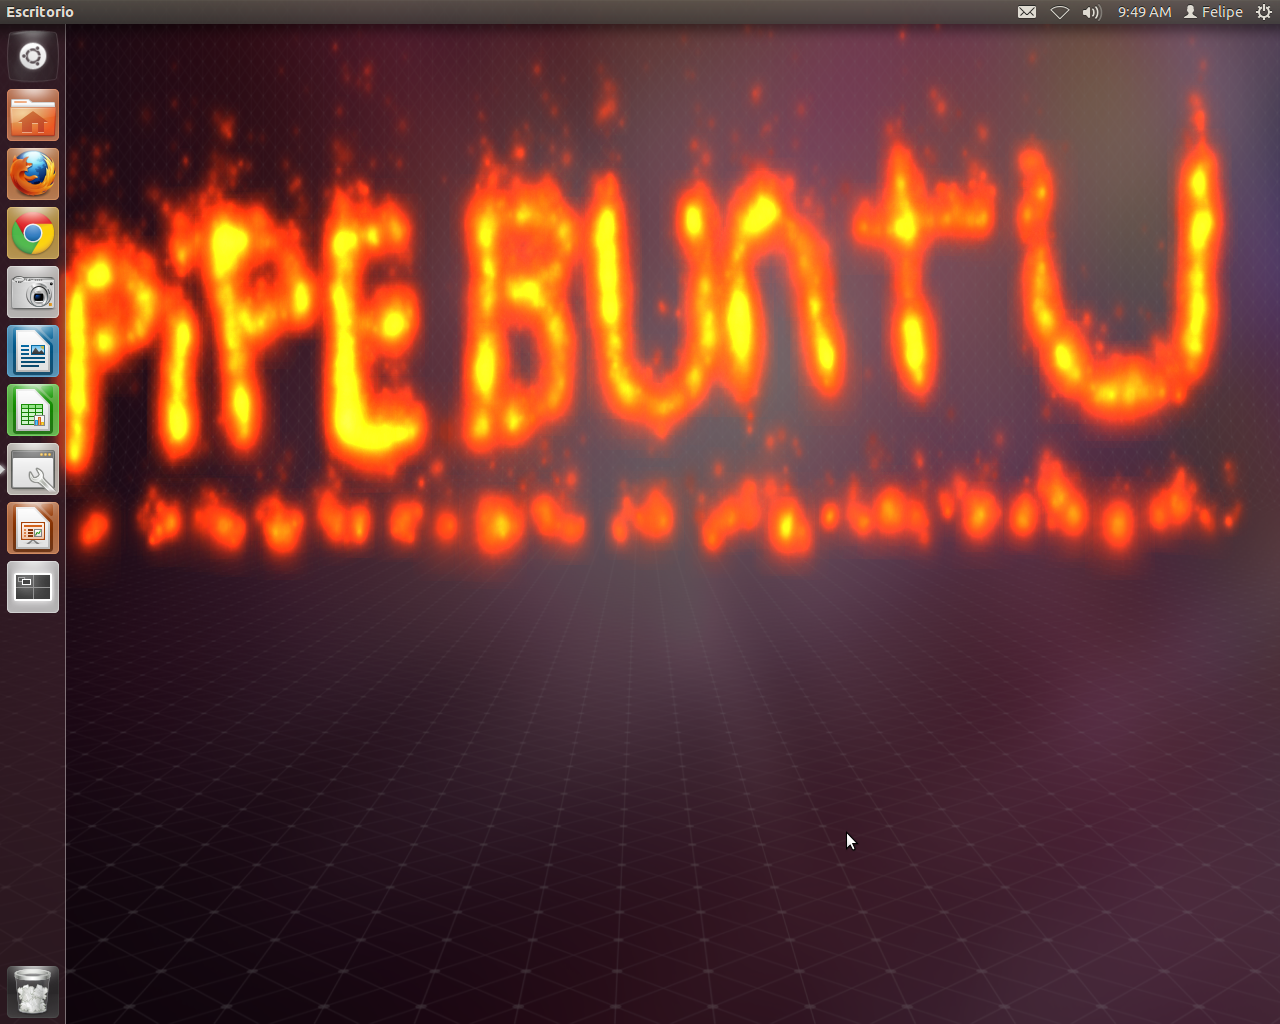 Como configurar los mejores efectos de escritorio en Ubuntu | Kuyné